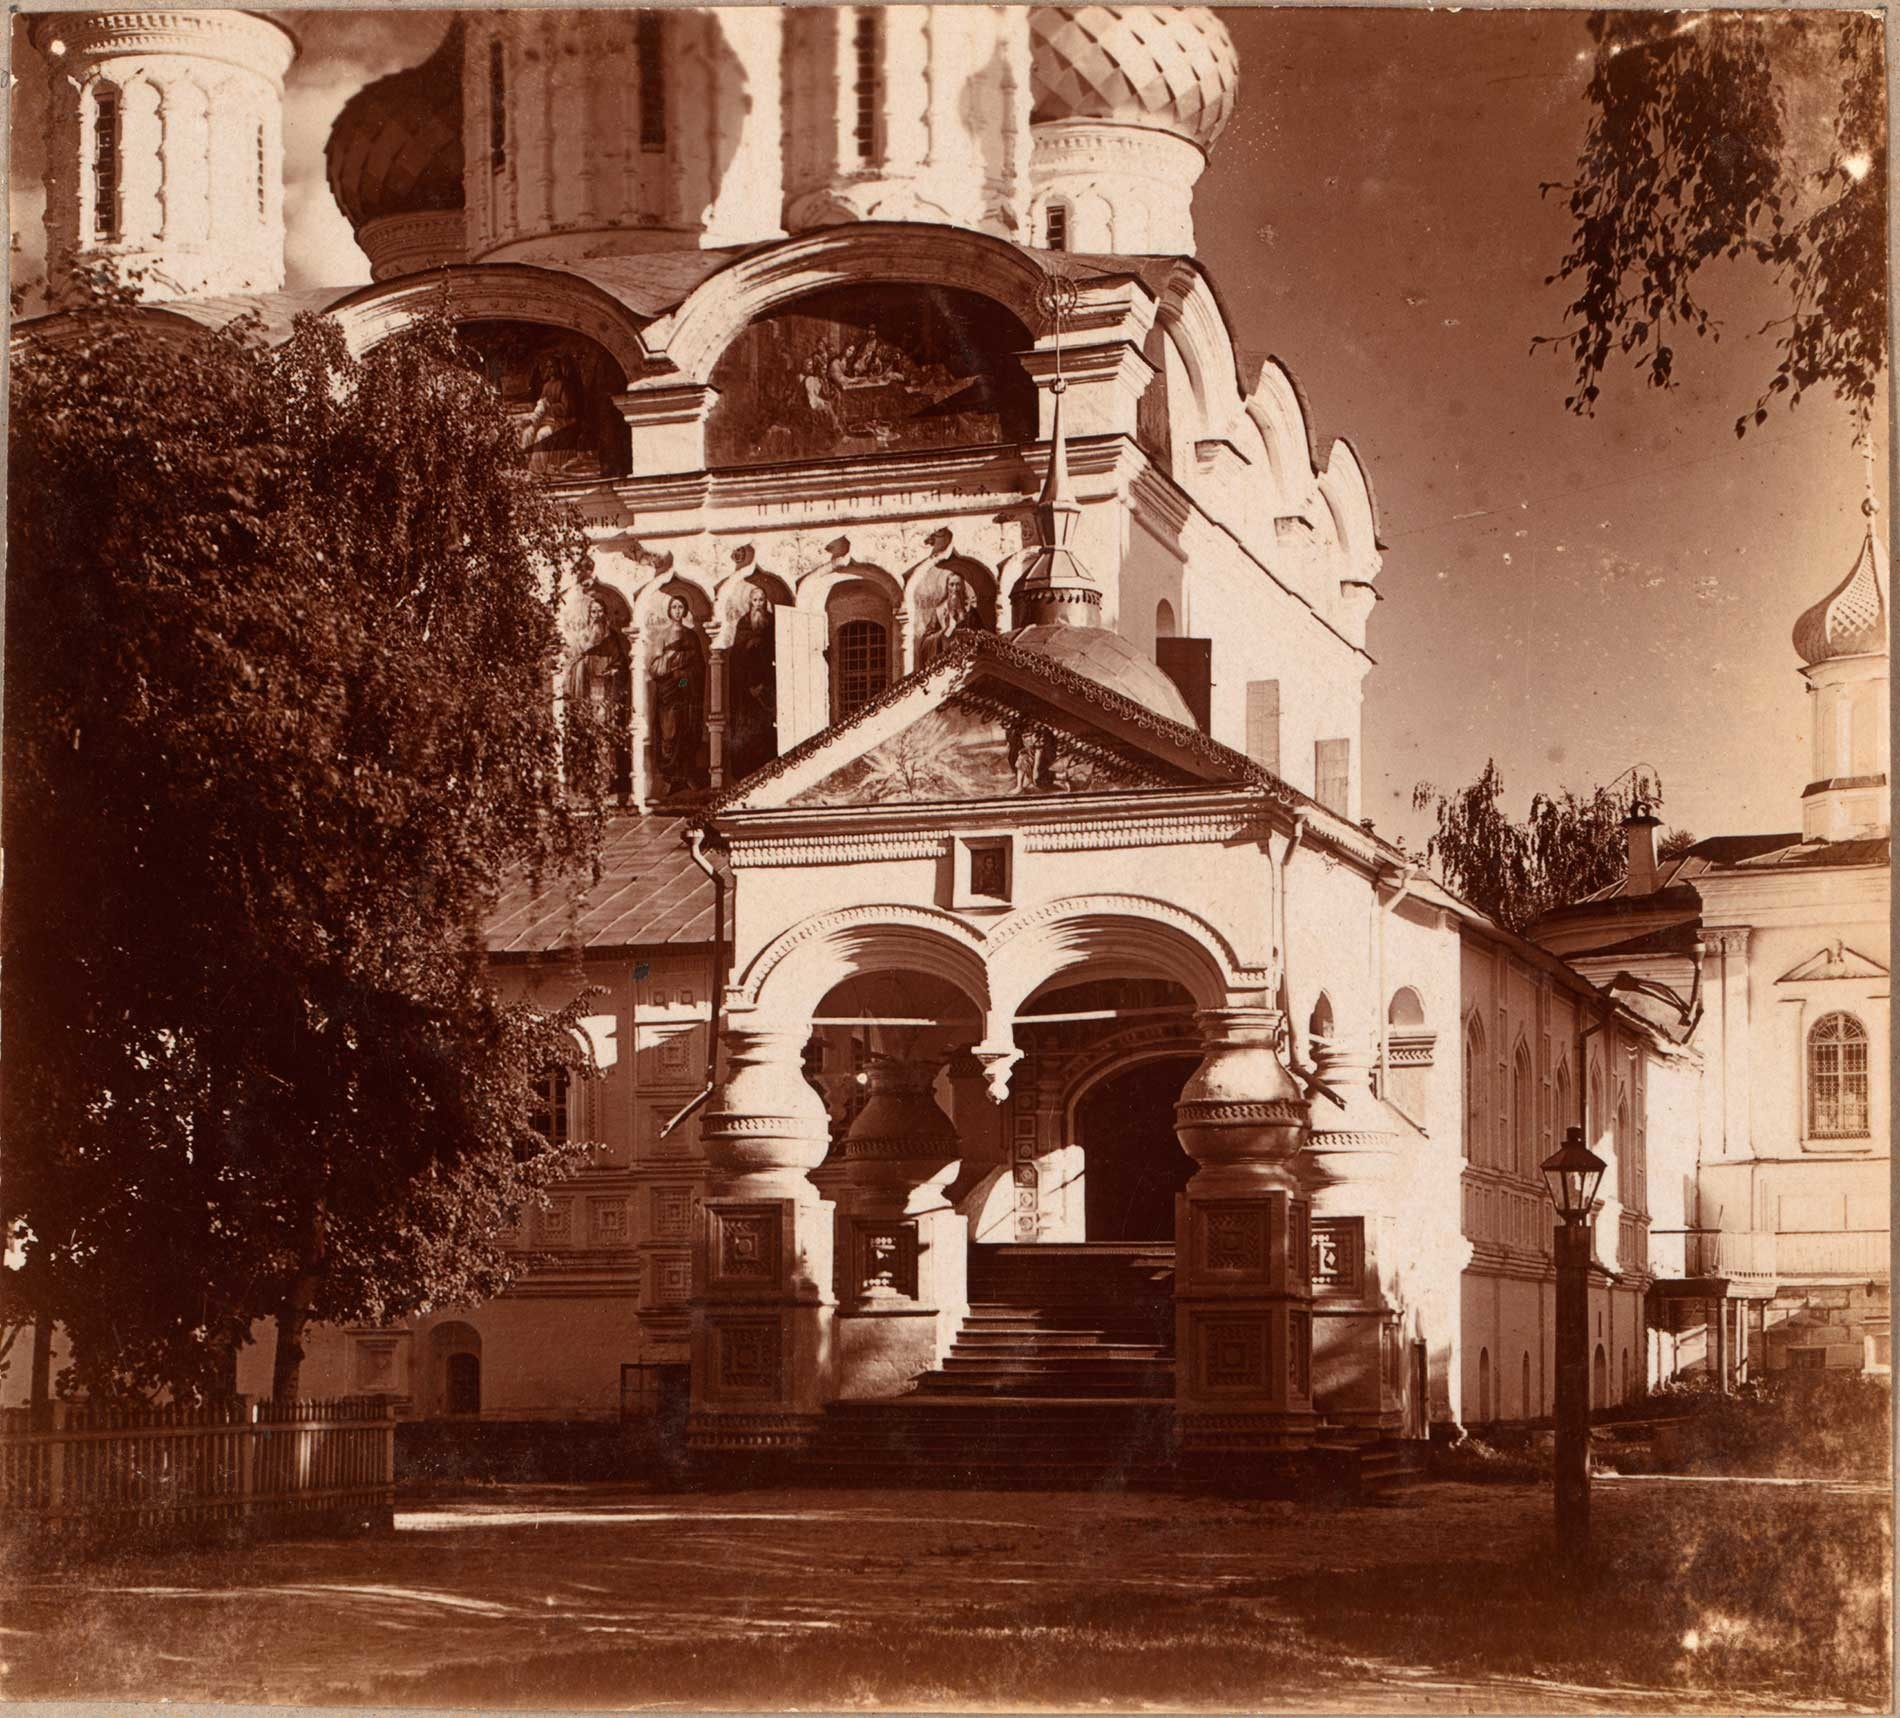 Monasterio Ipátiev. Catedral de la Trinidad, esquina noroeste con porche y escaleras a la galería oeste. Verano de 1910.